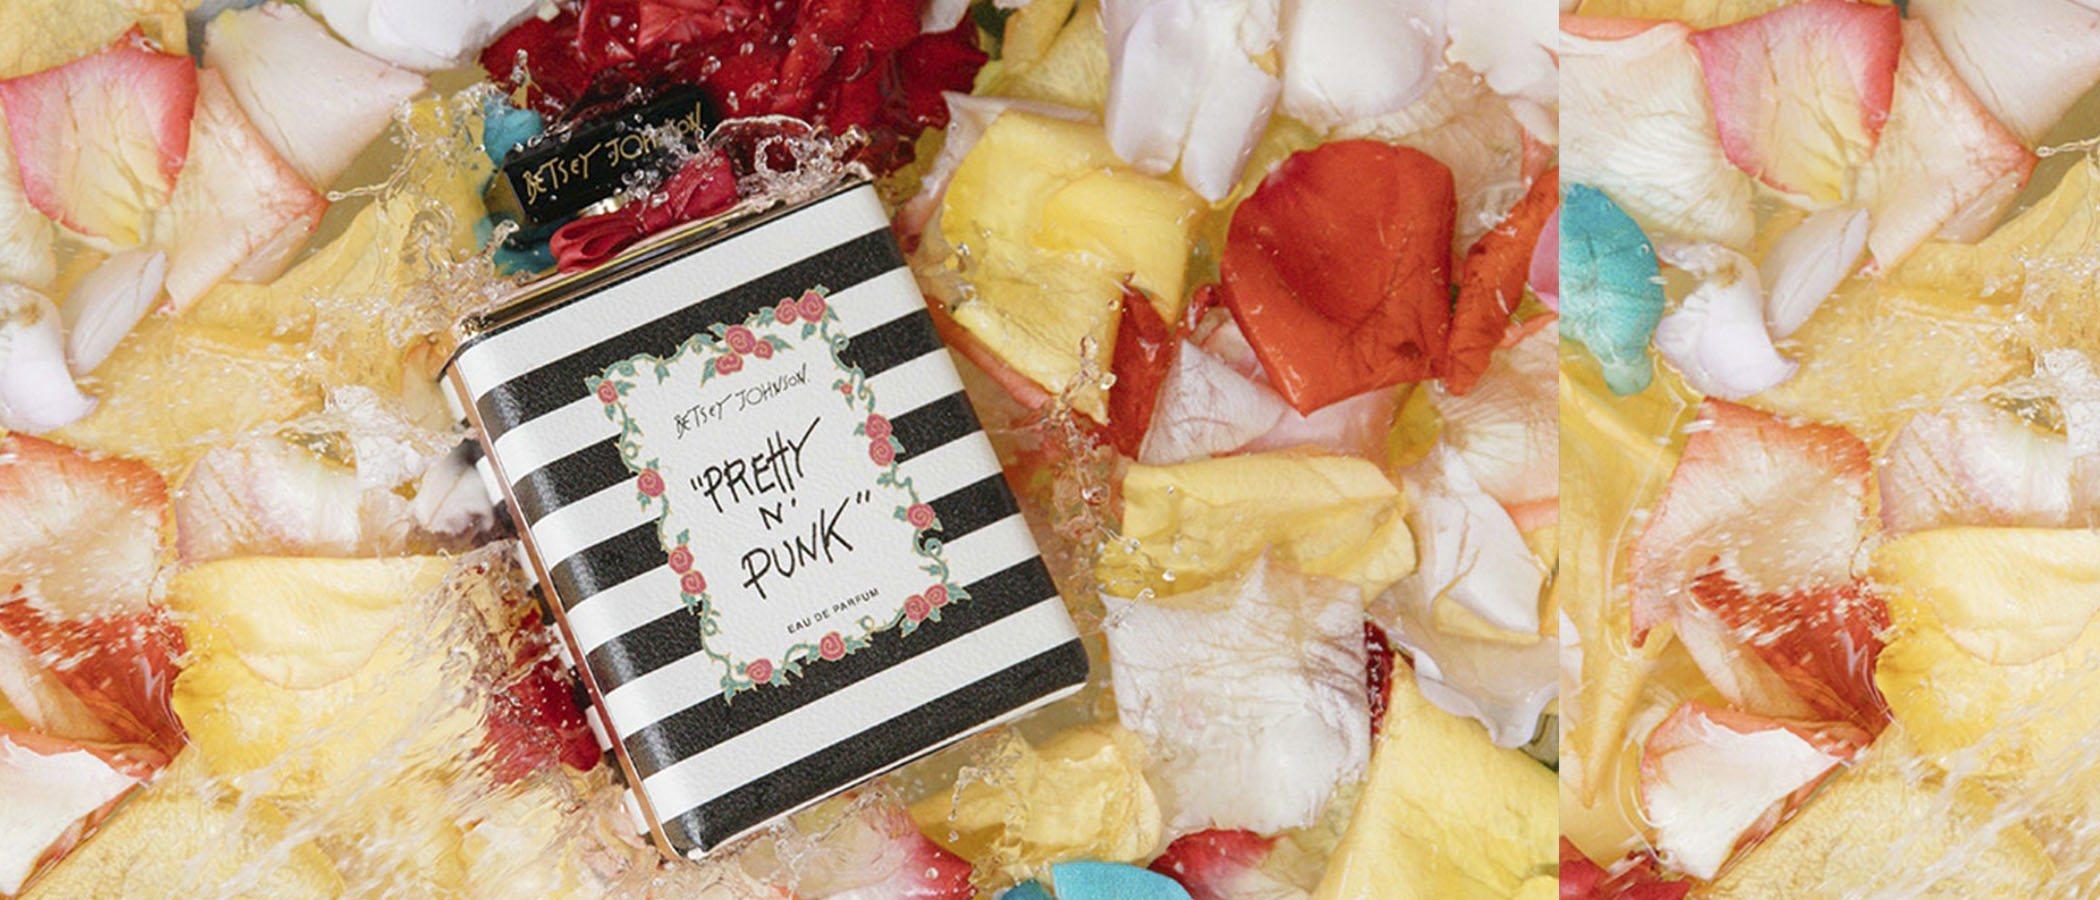 La diseñadora Betsey Johnson presenta su nueva y gamberra fragancia bajo el nombre de 'Pretty n 'Punk'